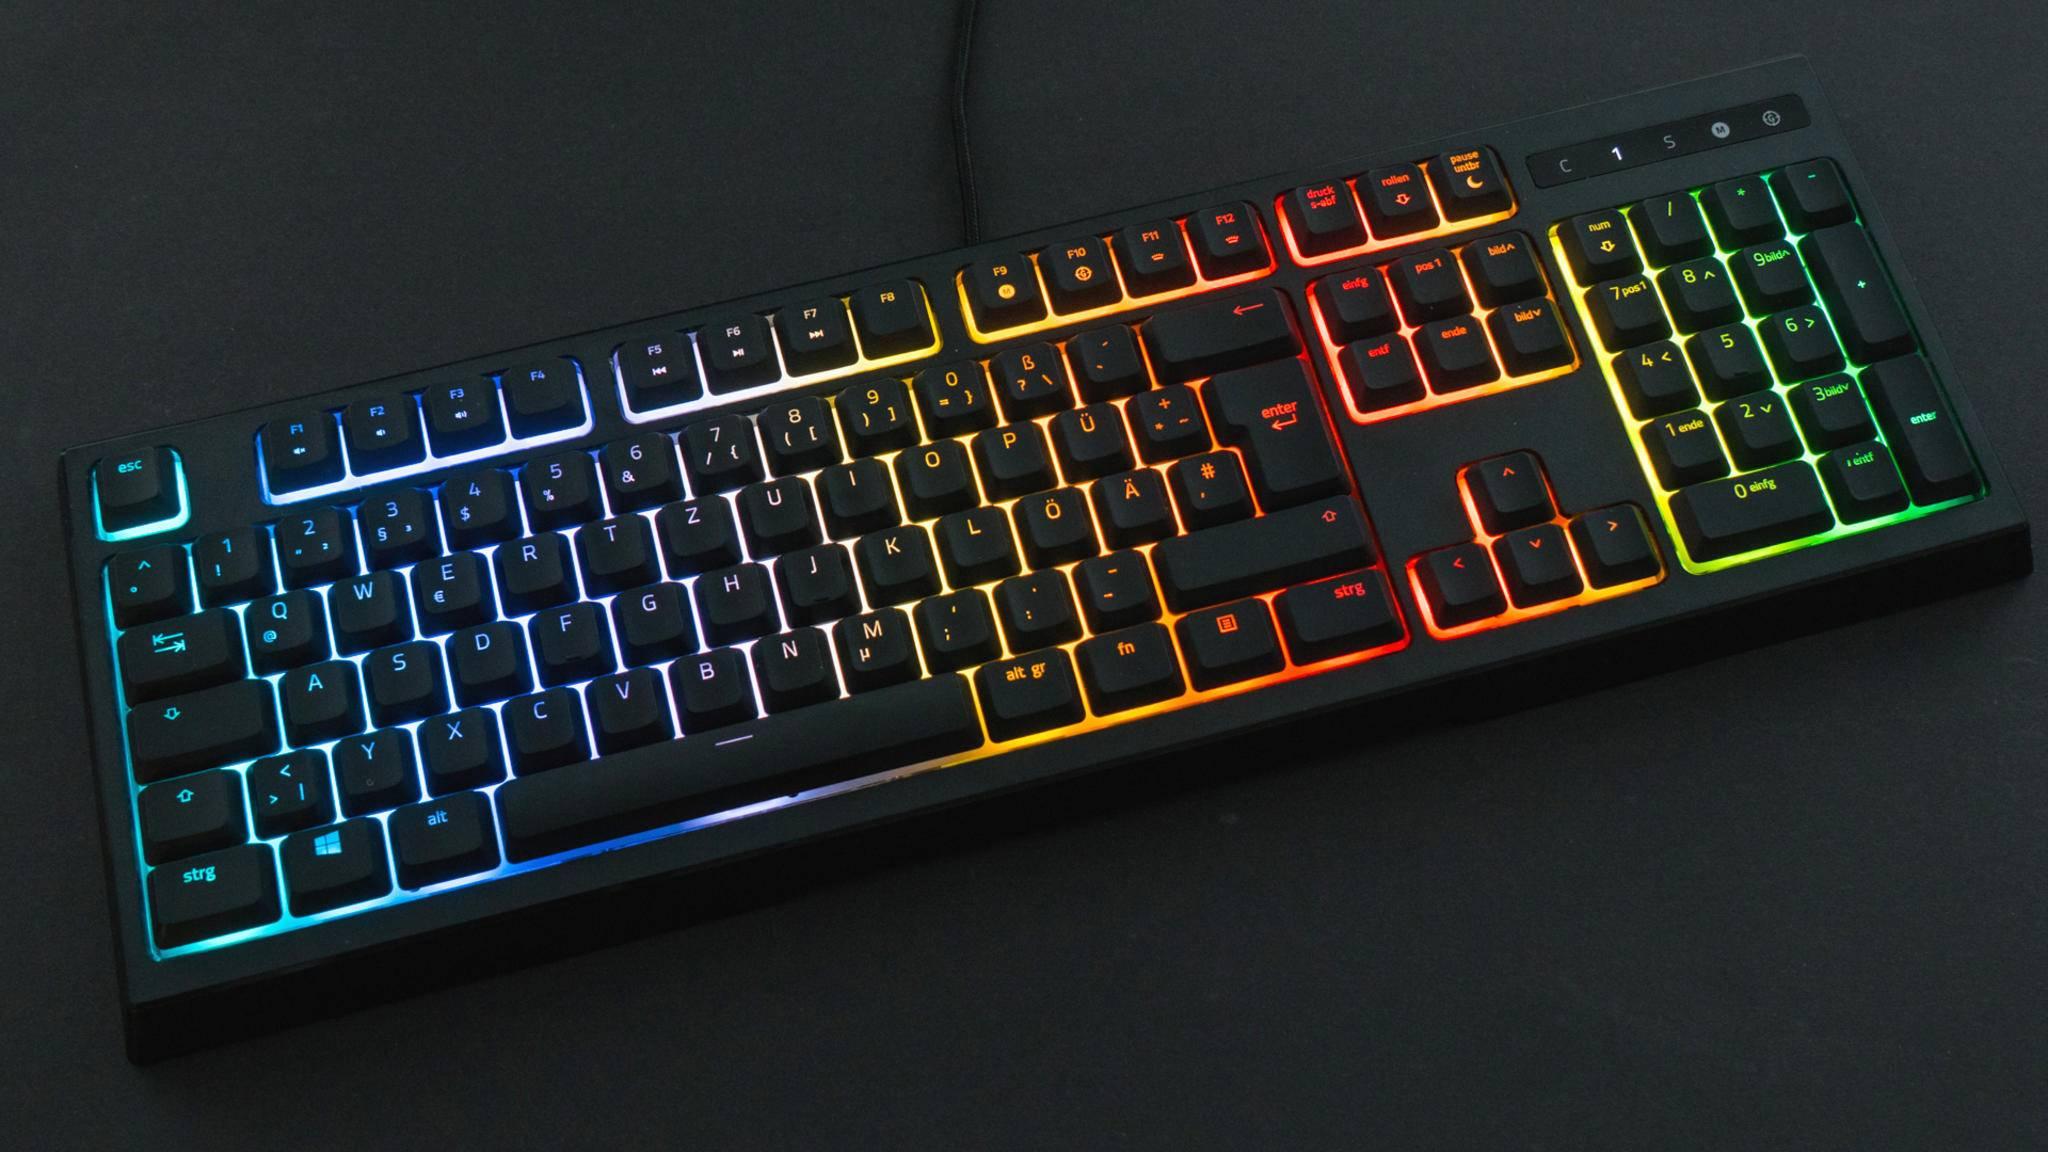 Braucht eine gute Gaming-Tastatur eine RGB-Beleuchtung wie die Razer Ornata Chroma?